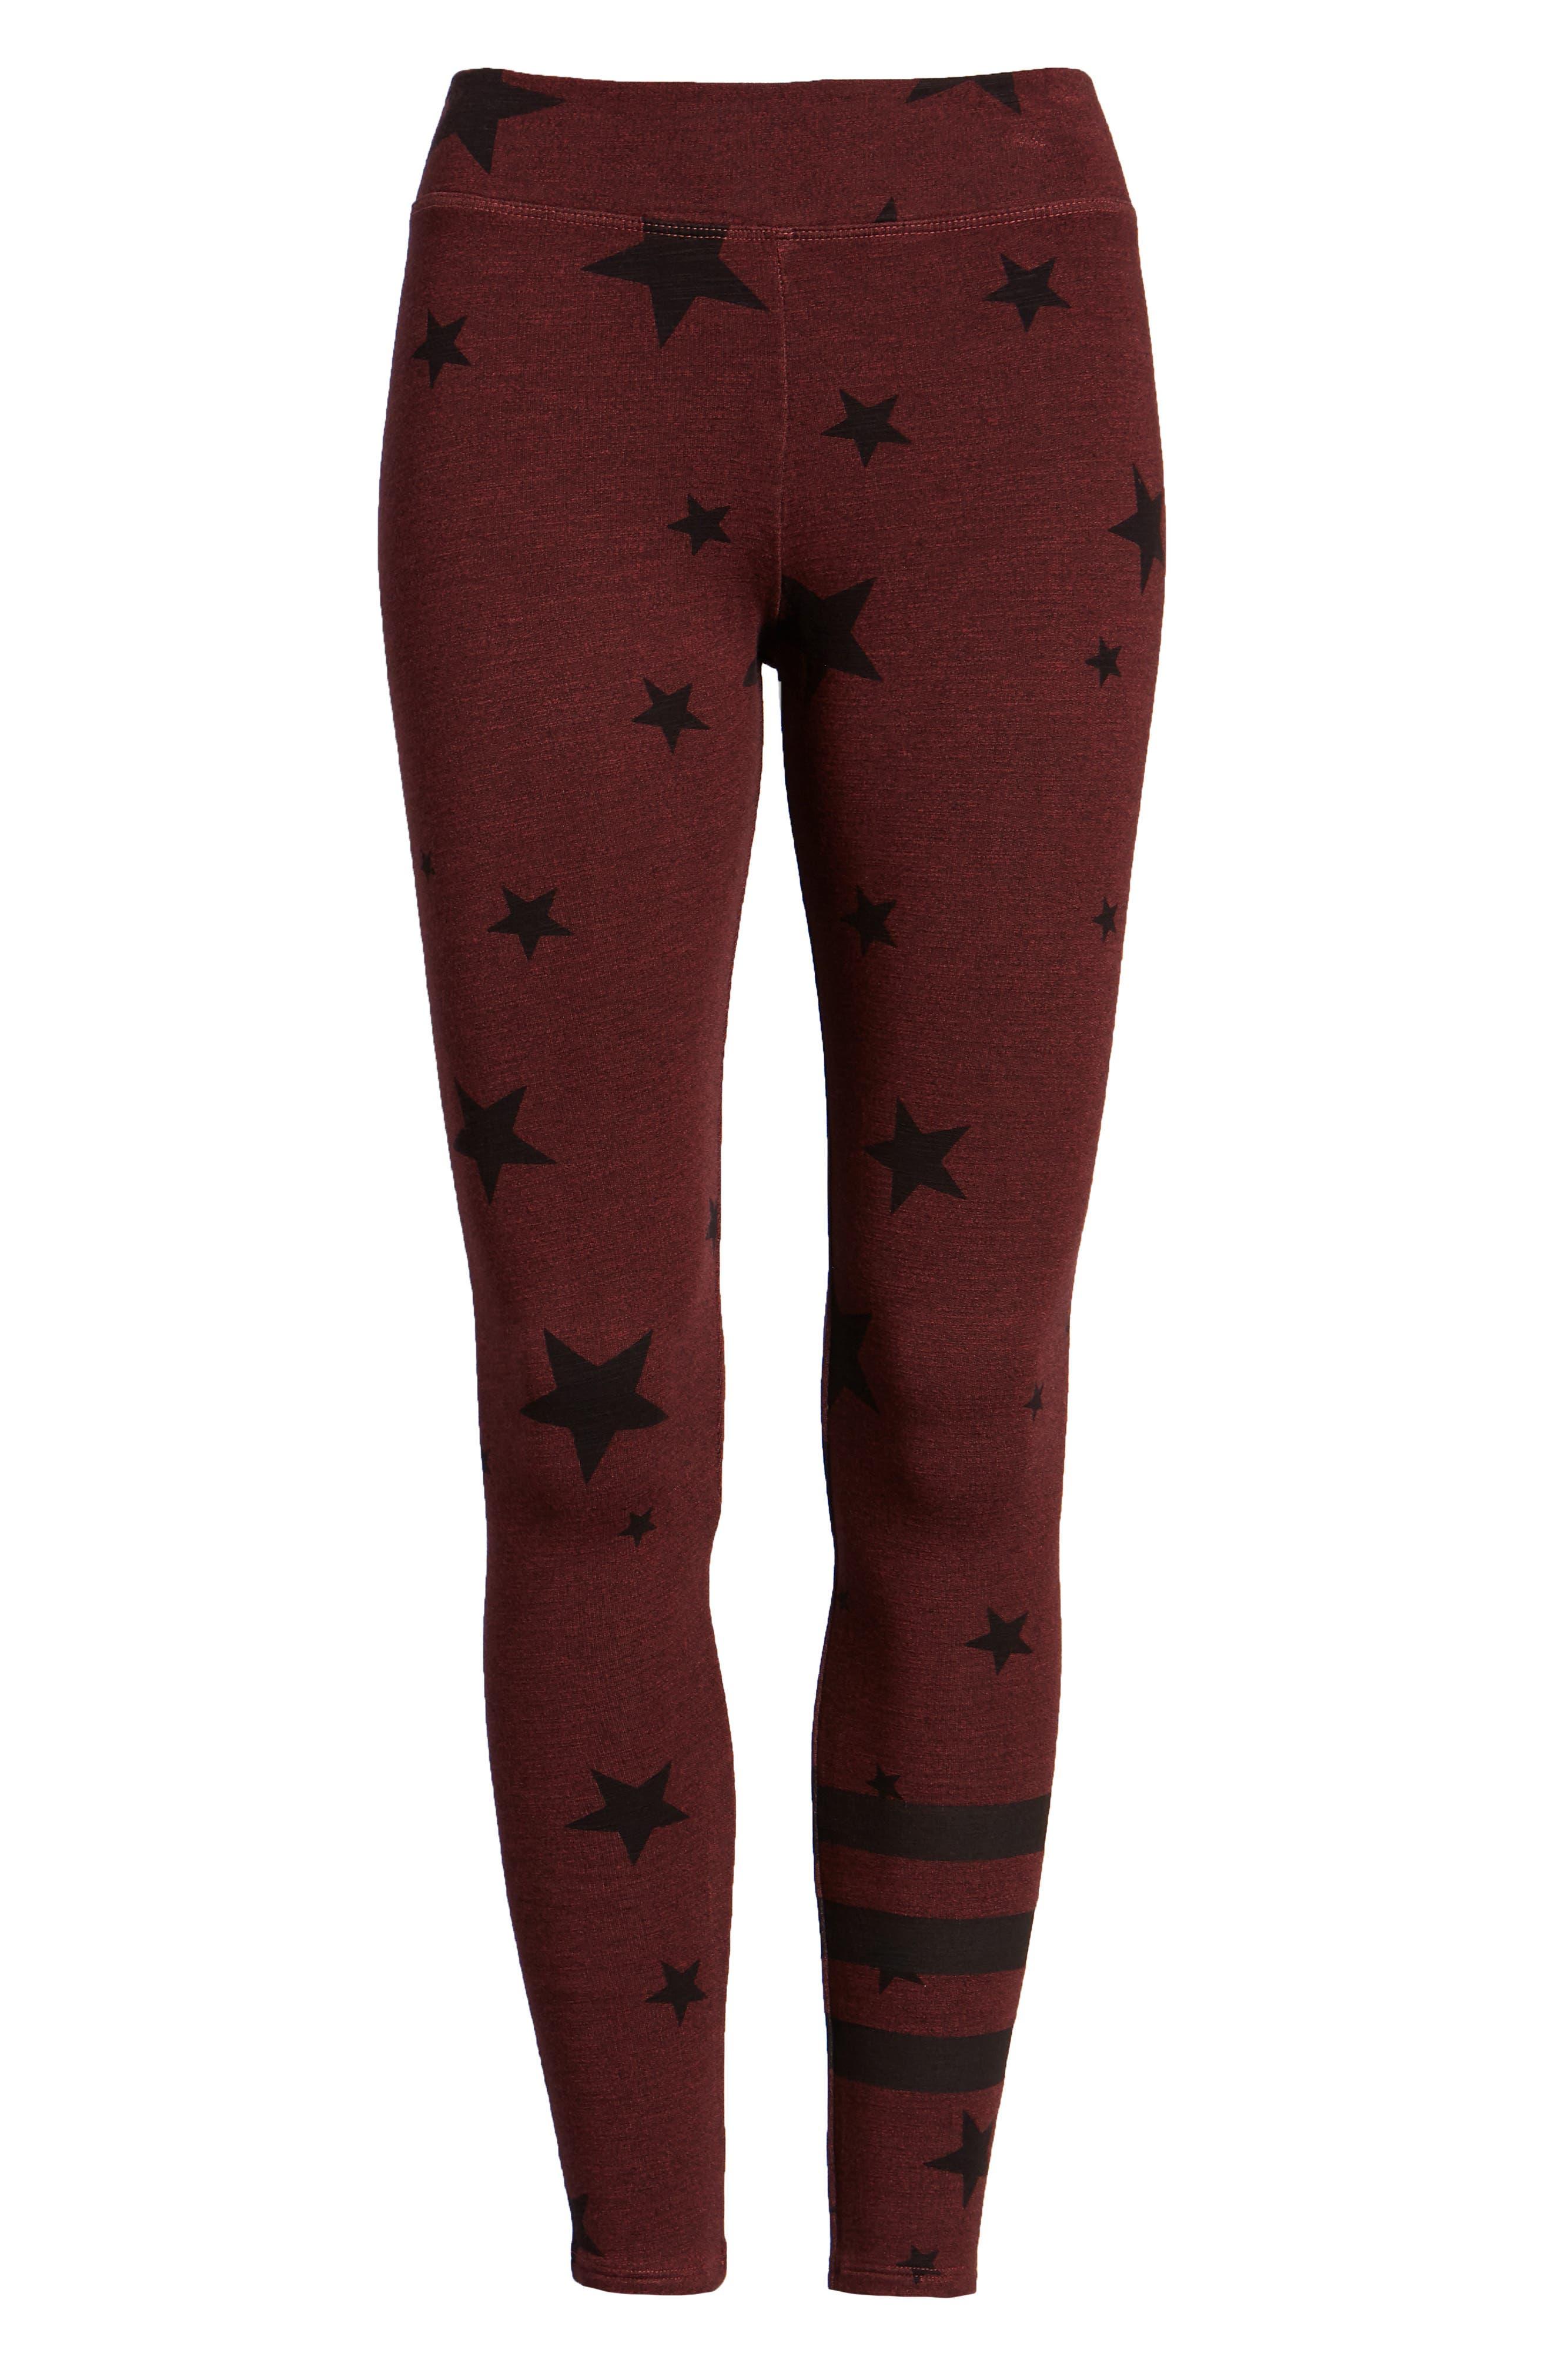 Stars Yoga Pants,                             Alternate thumbnail 6, color,                             931